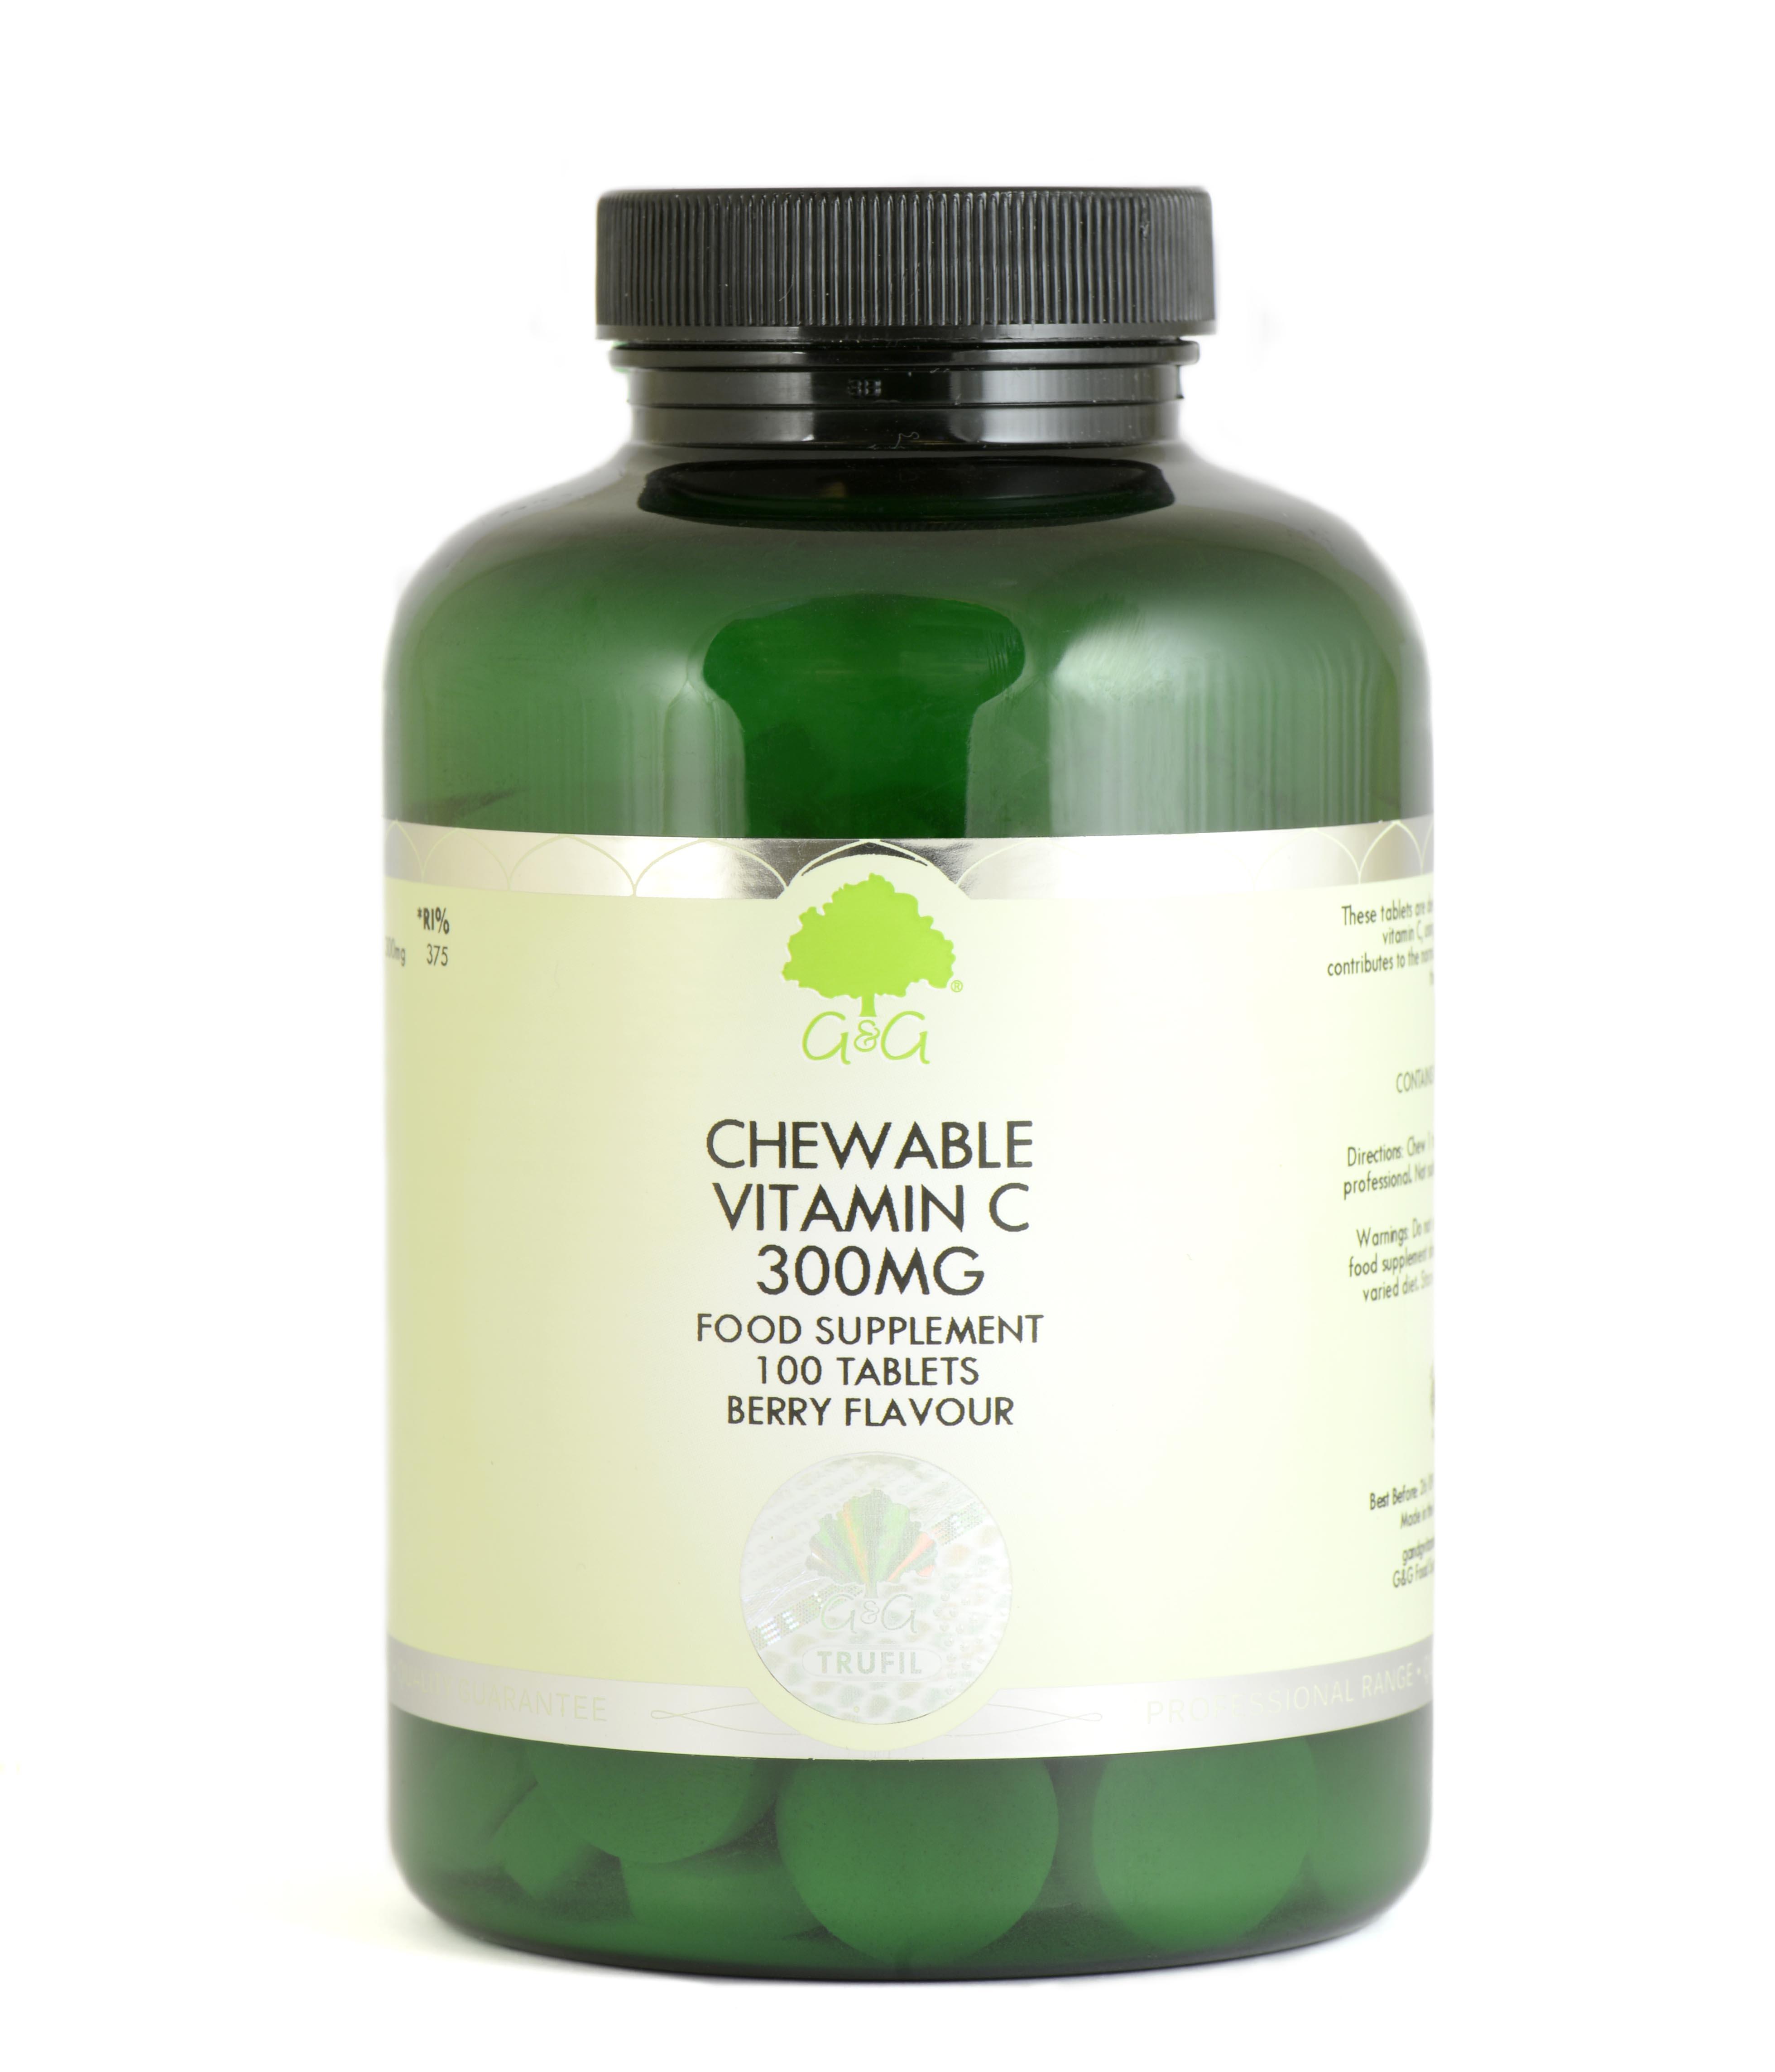 Chewable Vitamin C 300mg 100's